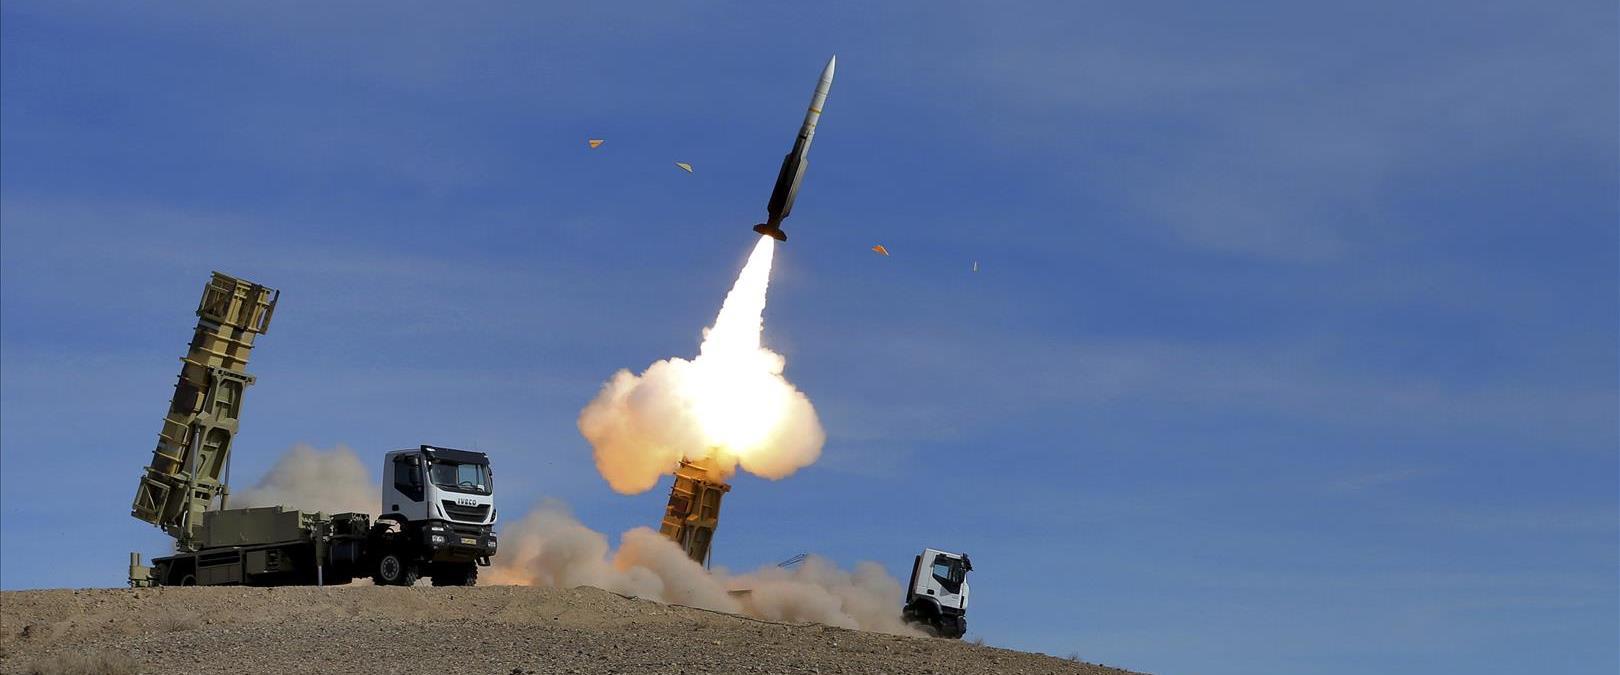 שיגור טיל איראני